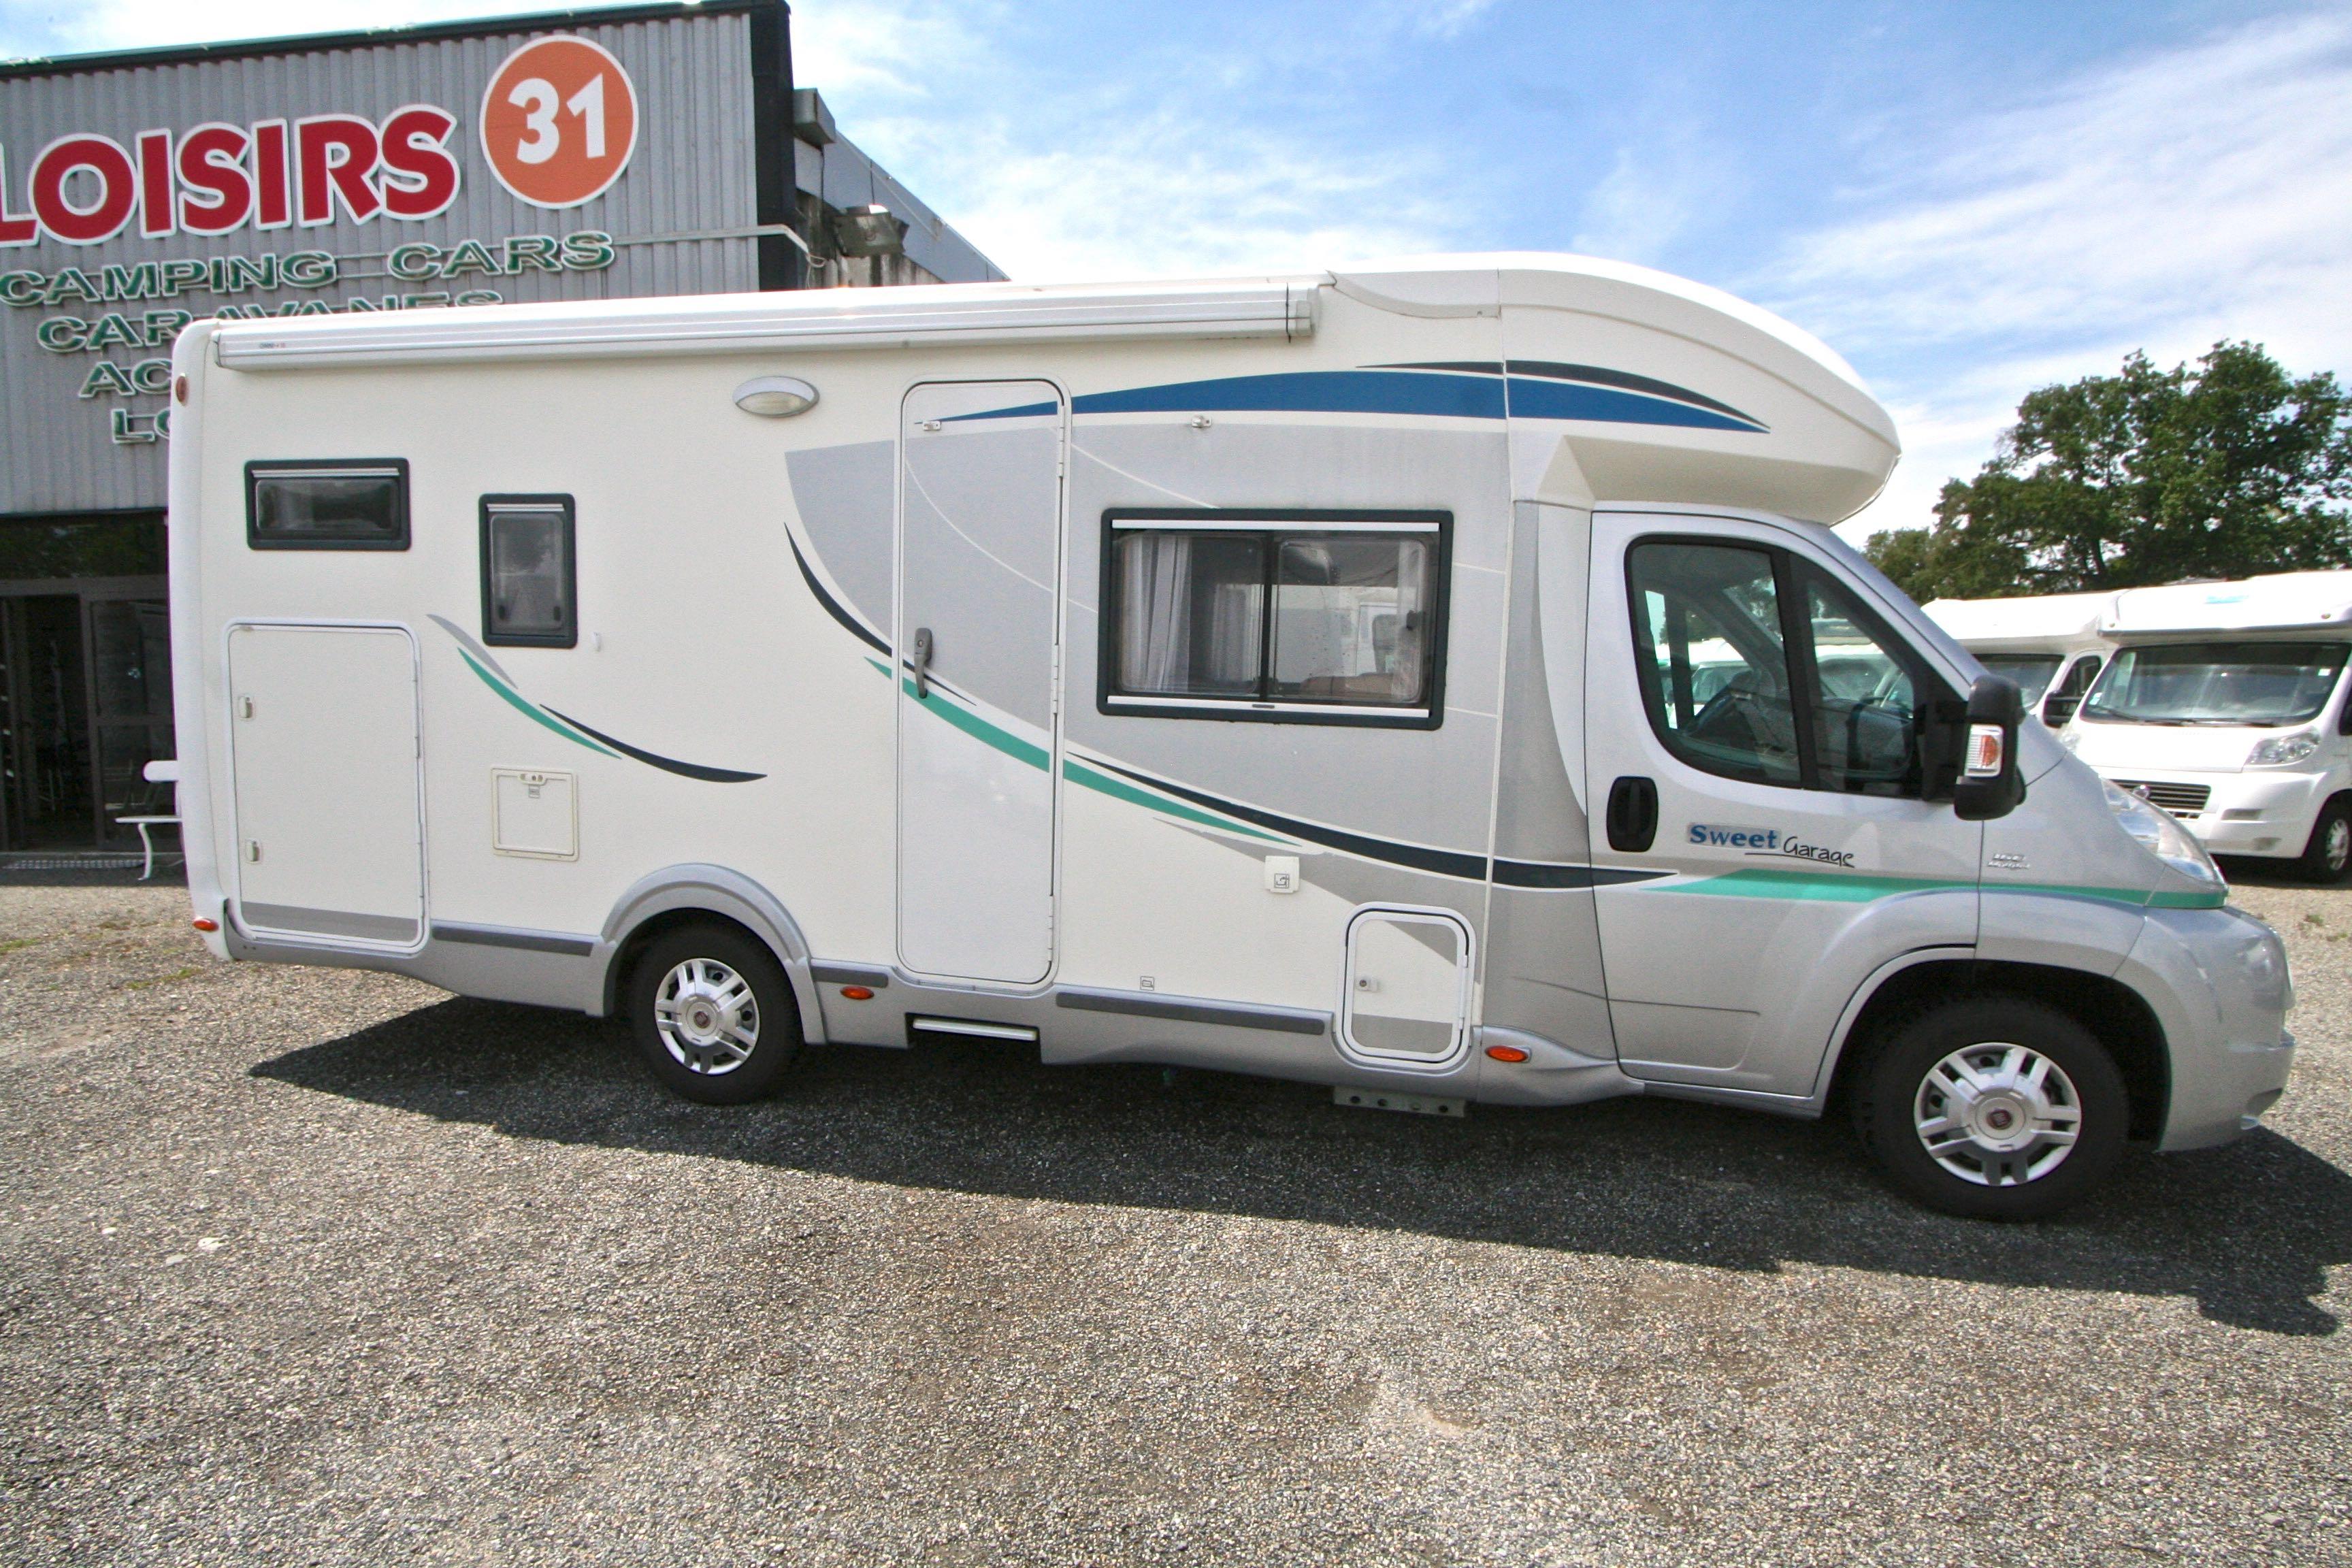 chausson sweet garage occasion fiat camping car en vente roques sur garonne haute garonne. Black Bedroom Furniture Sets. Home Design Ideas